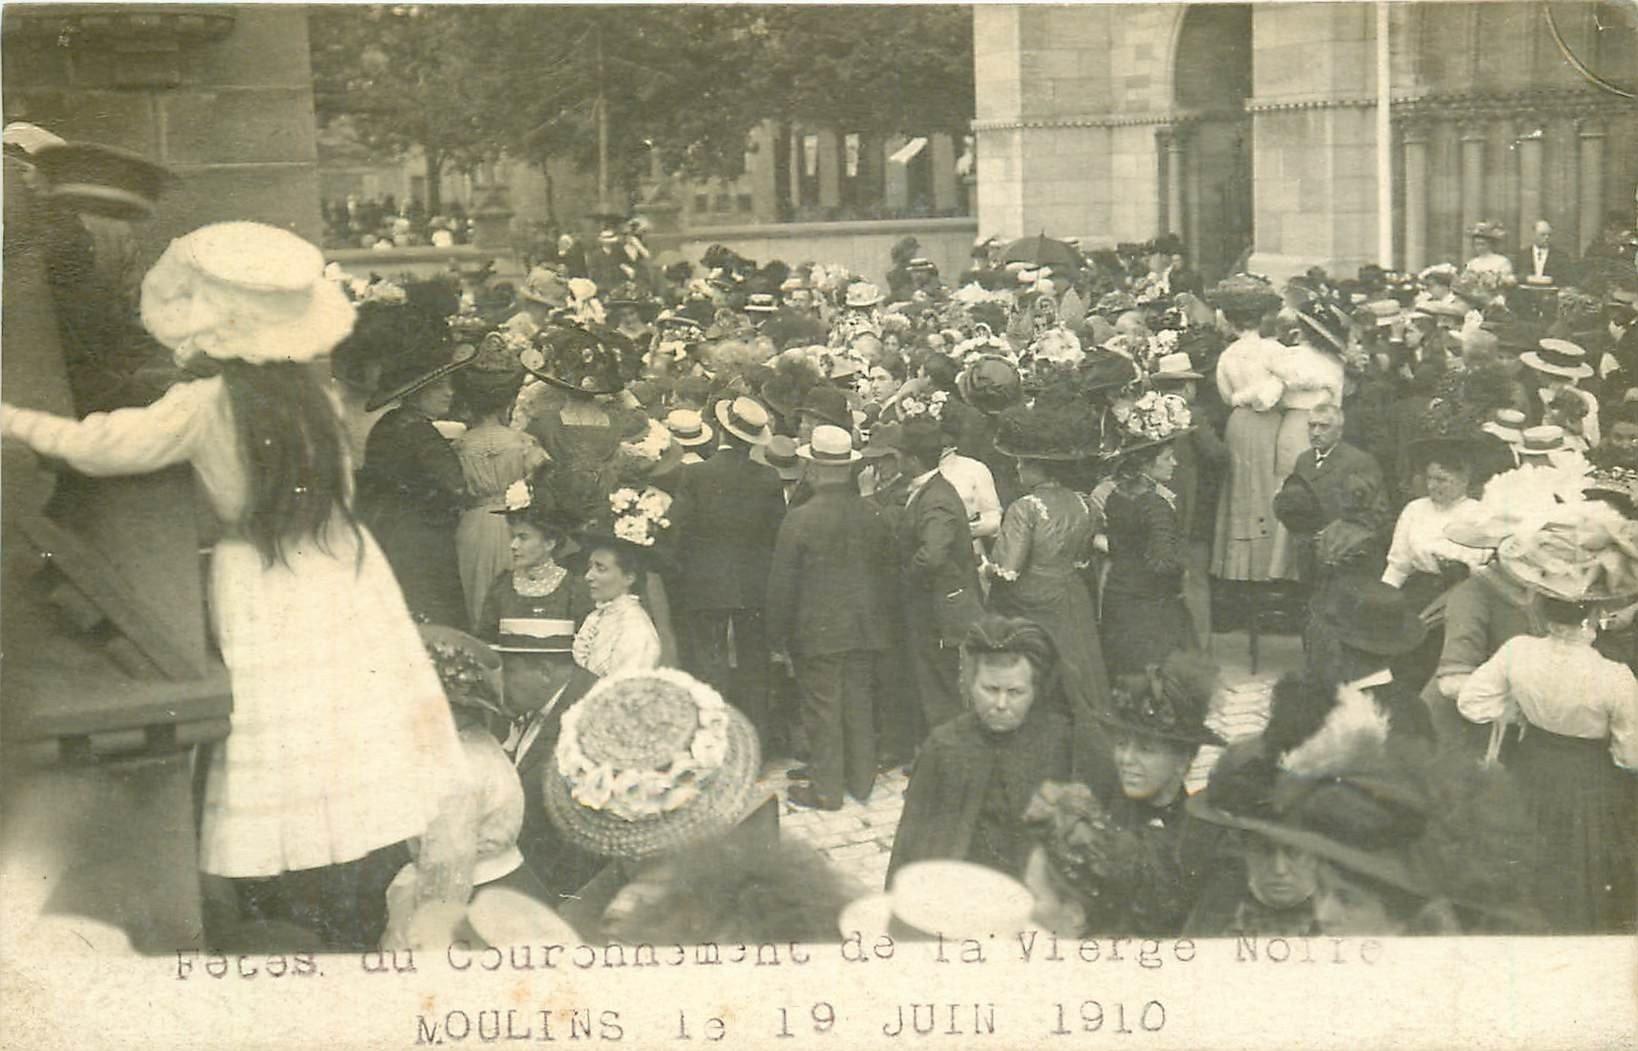 WW 03 MOULINS. Fêtes du Couronnement de la Vierge Noire en 1910